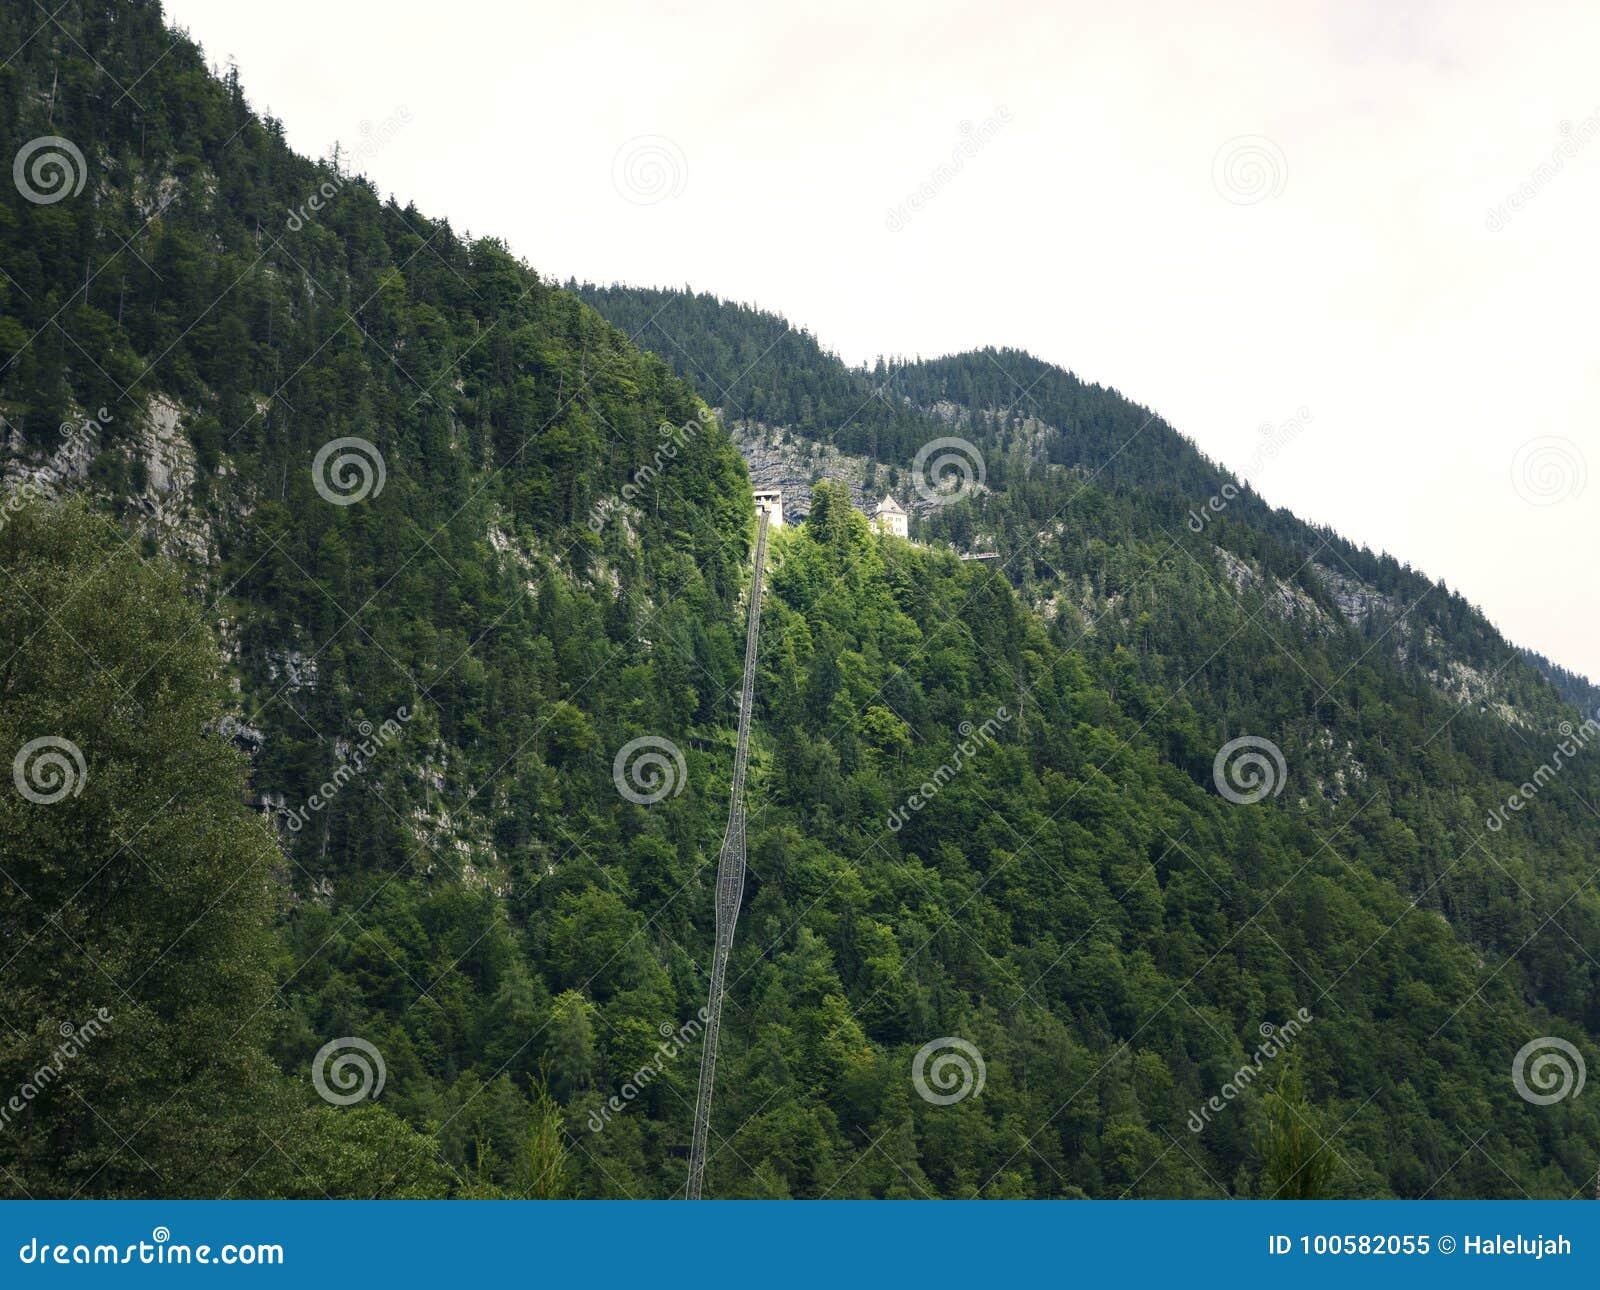 Ferrocarril de diente a gran altitud, elevación del carril en Hallstatt Lago mountain, macizo alpino, barranco hermoso en Austria